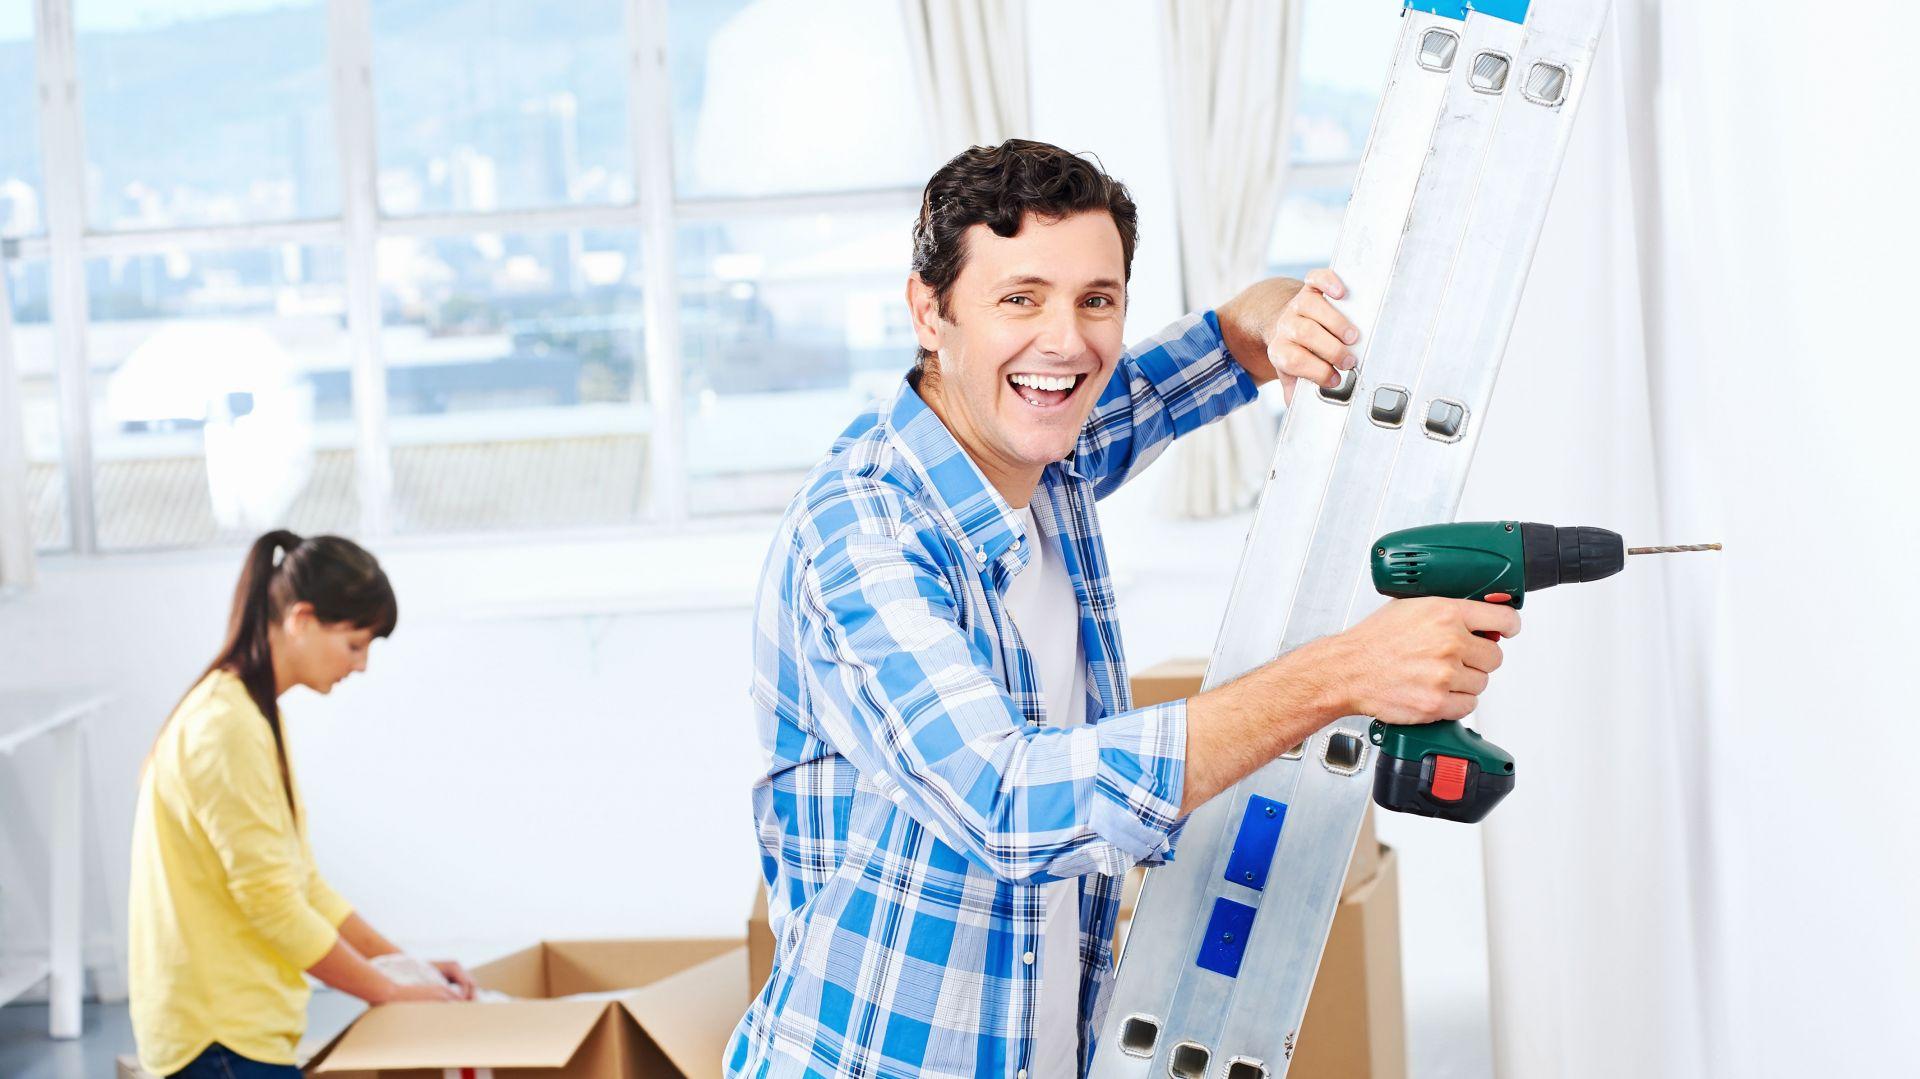 Mieszkanie na wynajem nie powinno być zupełnie surowe. Warto dodać akcent kolorystyczny przy malowaniu ścian, czy też pojedyncze obrazki lub plakaty na ścianach. Fot. Shutterstock